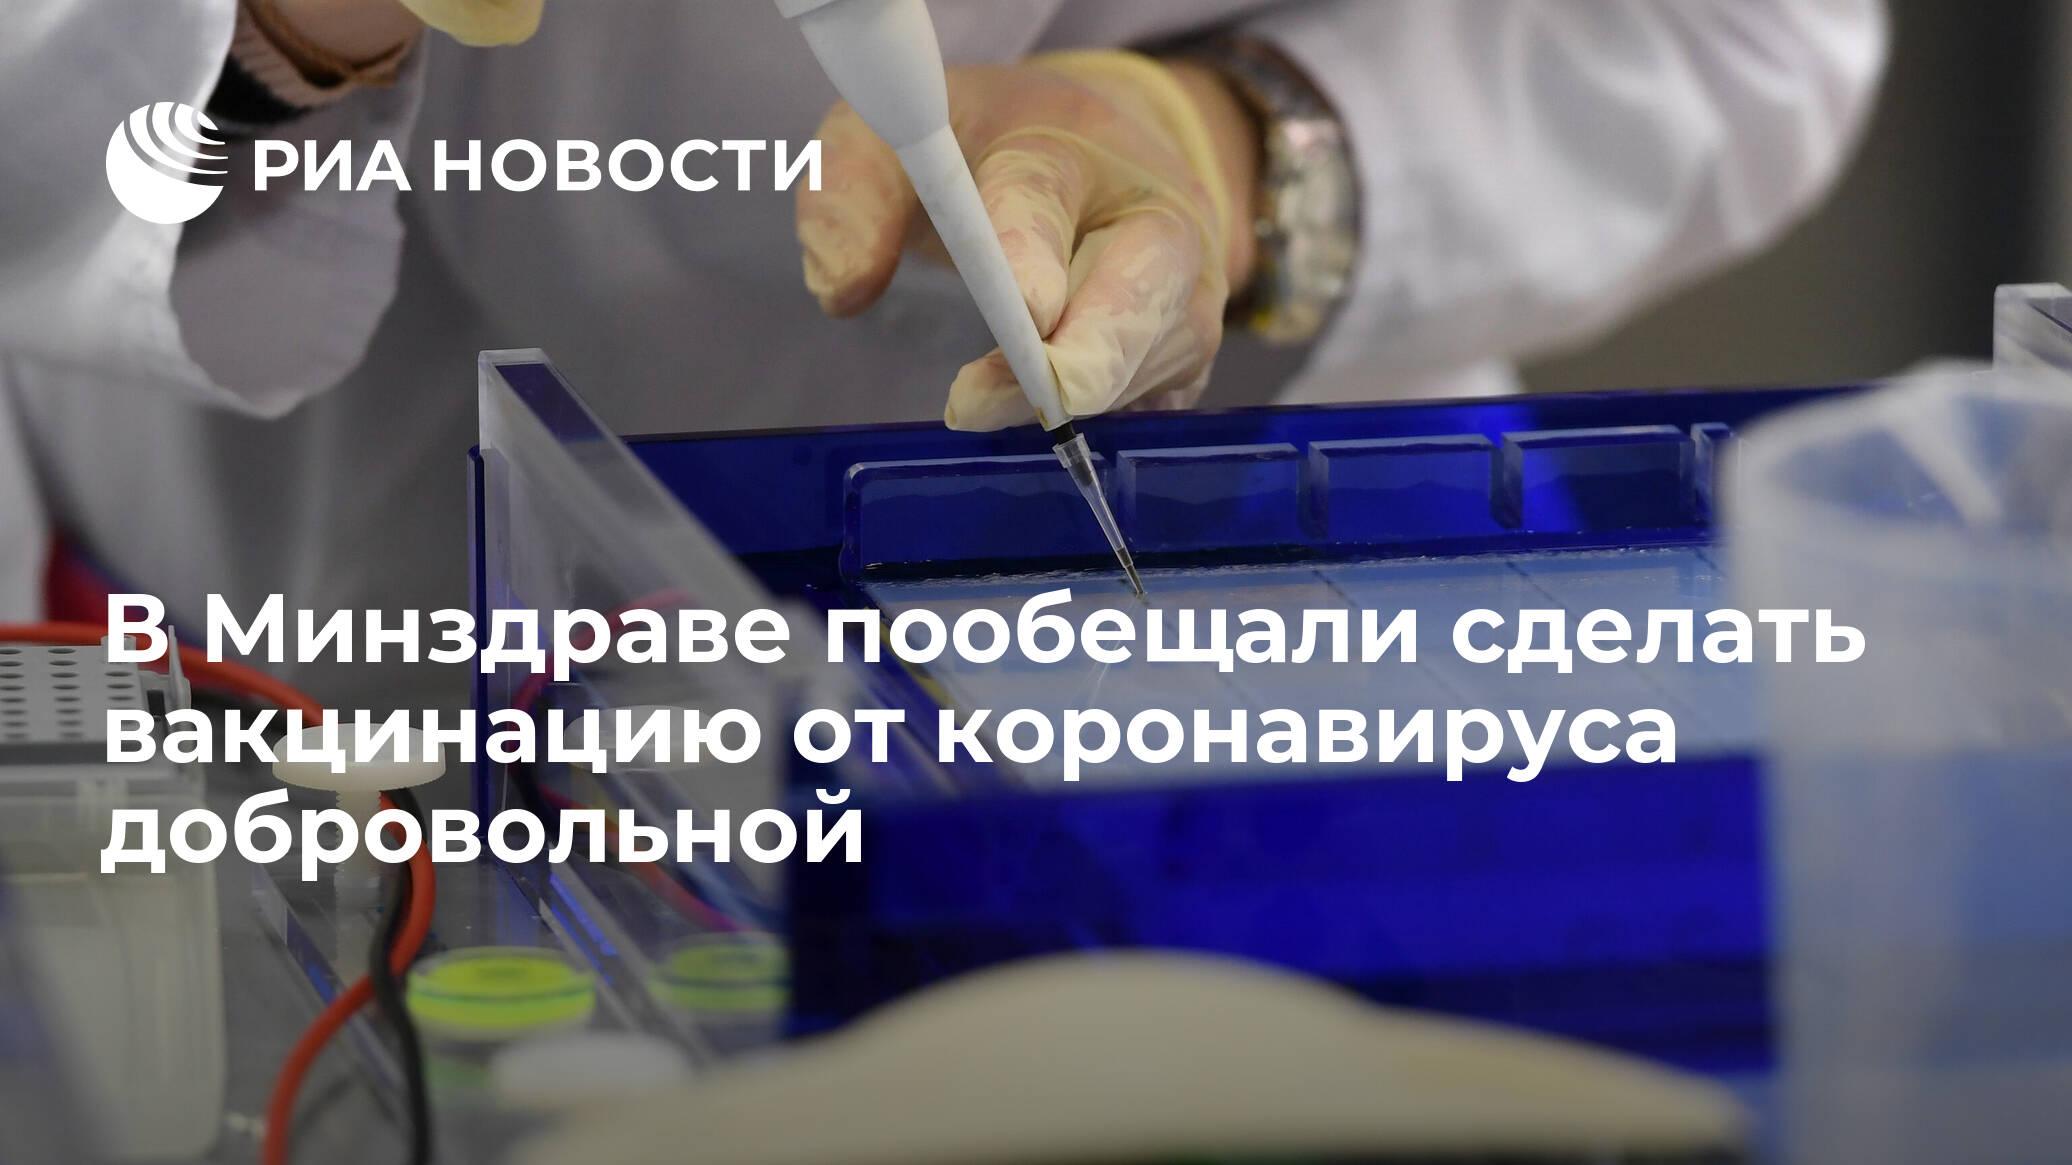 В Минздраве пообещали сделать вакцинацию от коронавируса добровольной